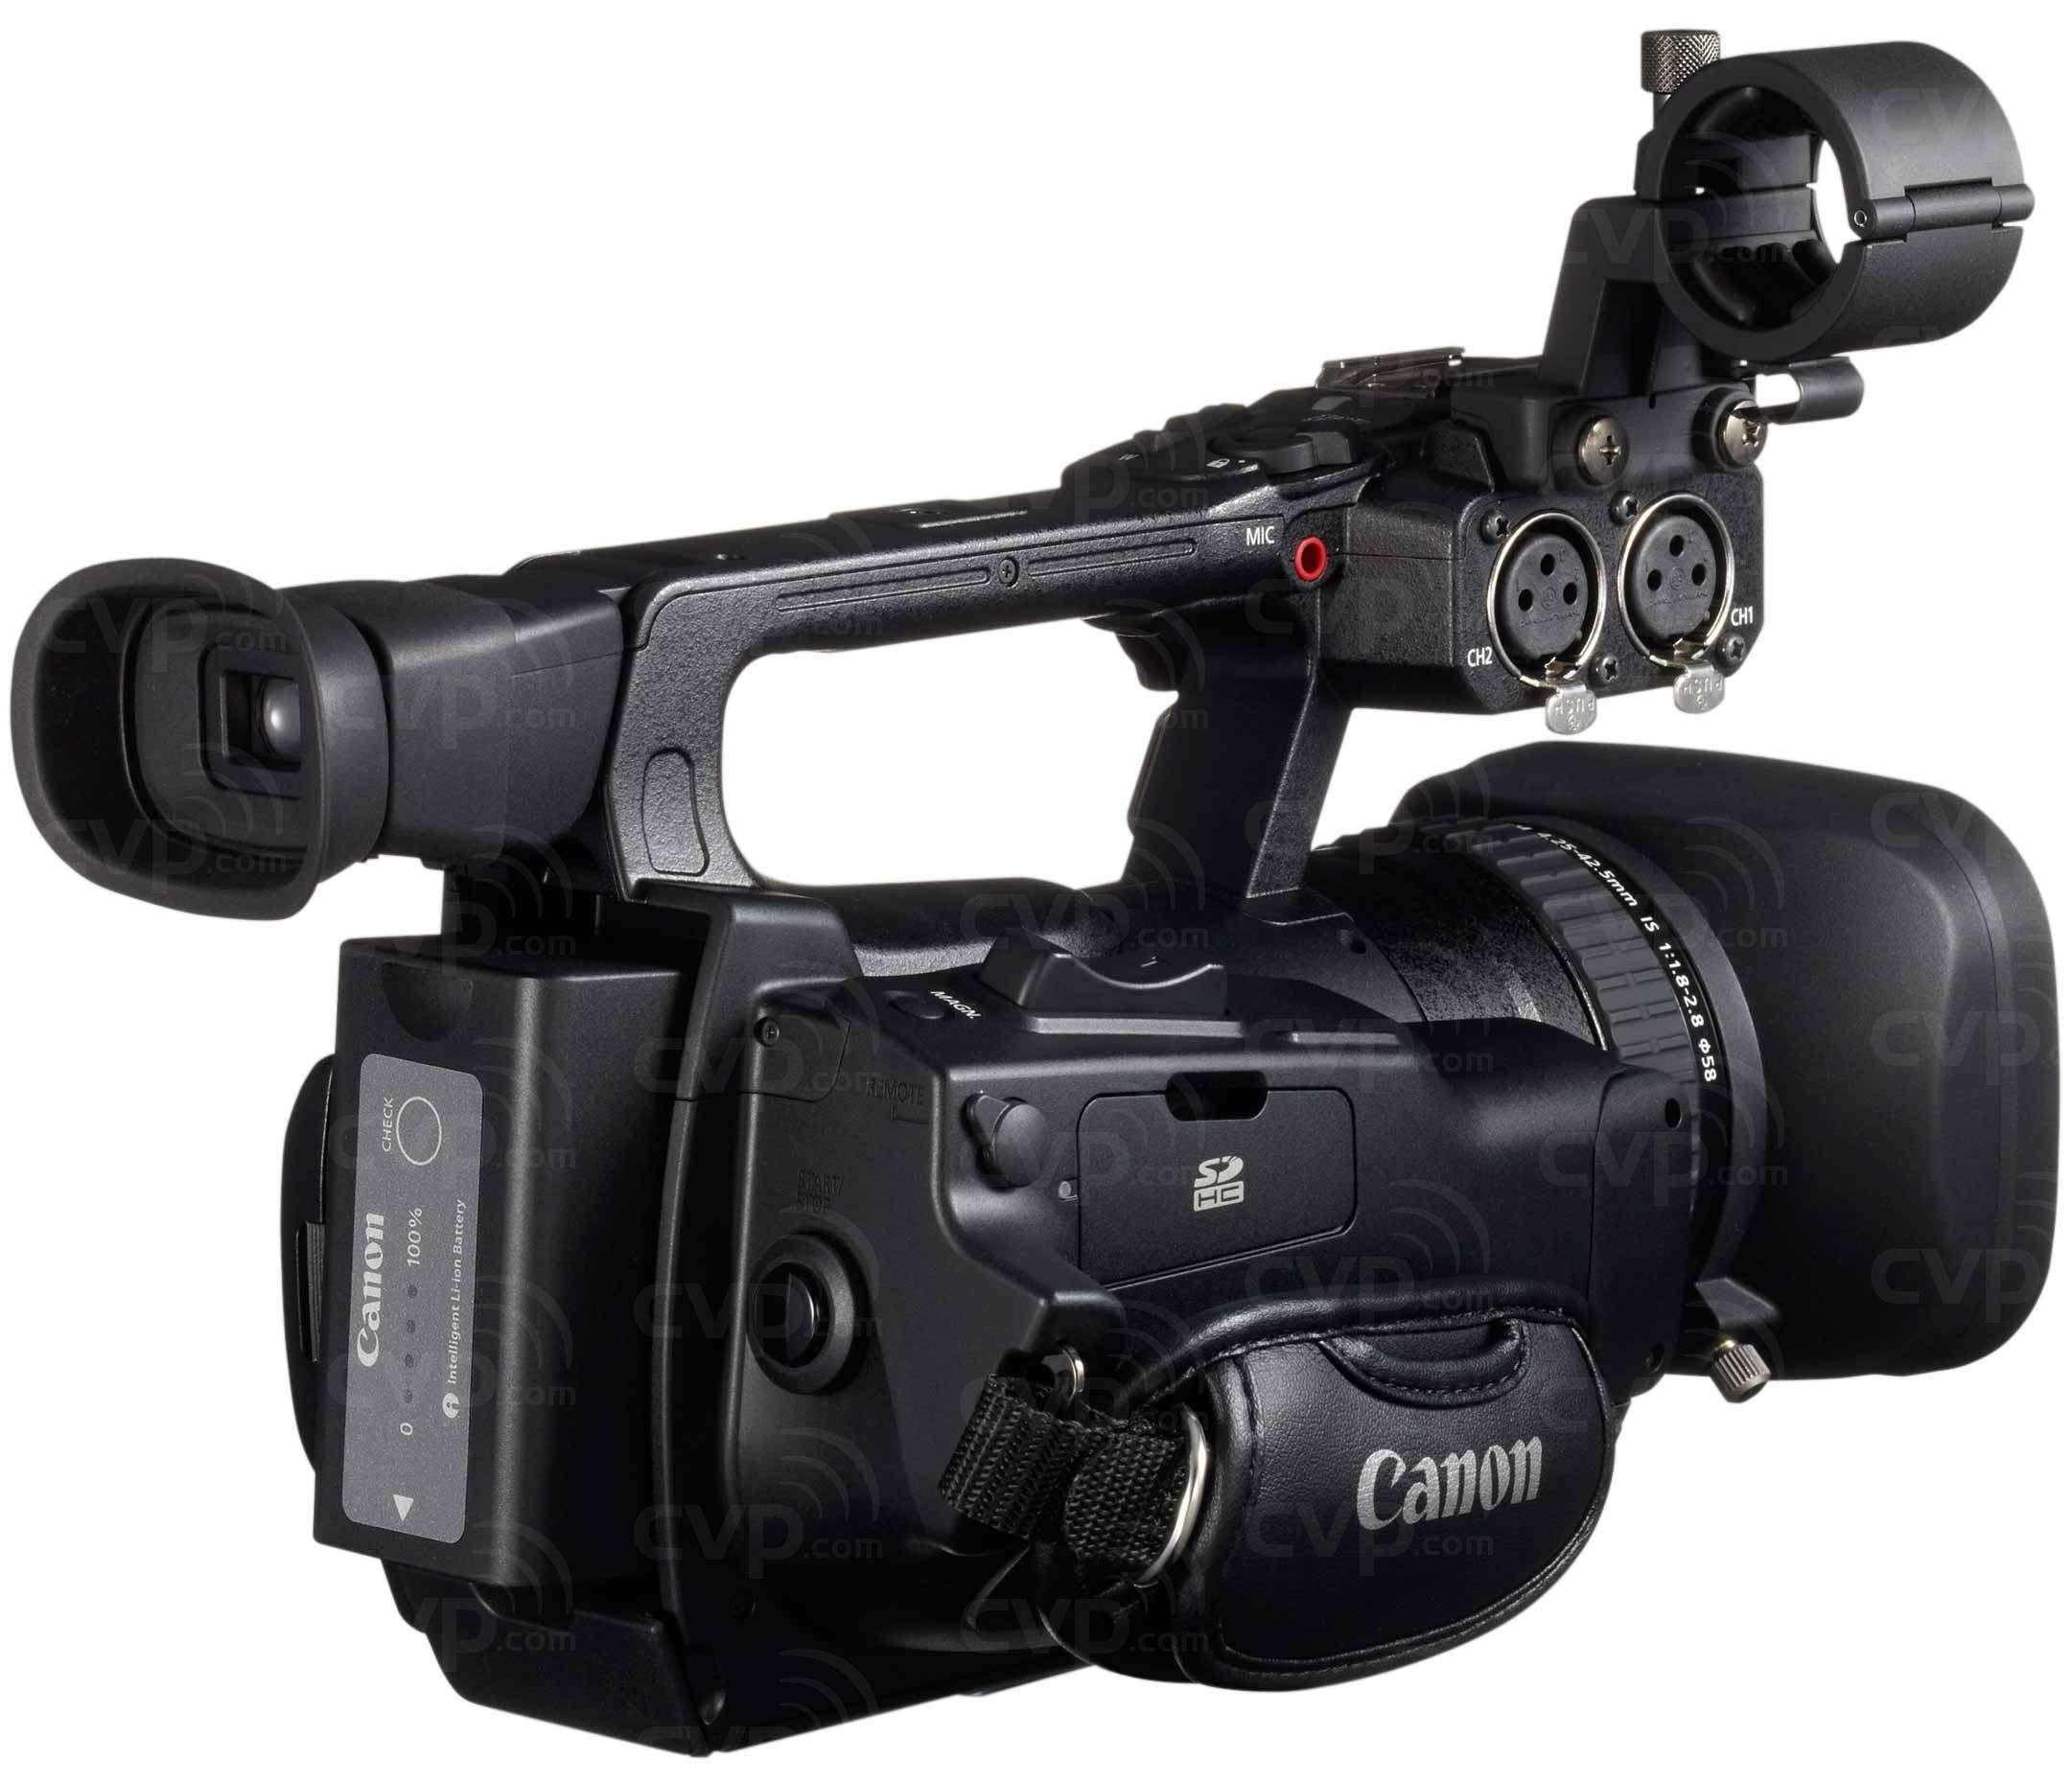 Drivers Canon XF100 Video Camera